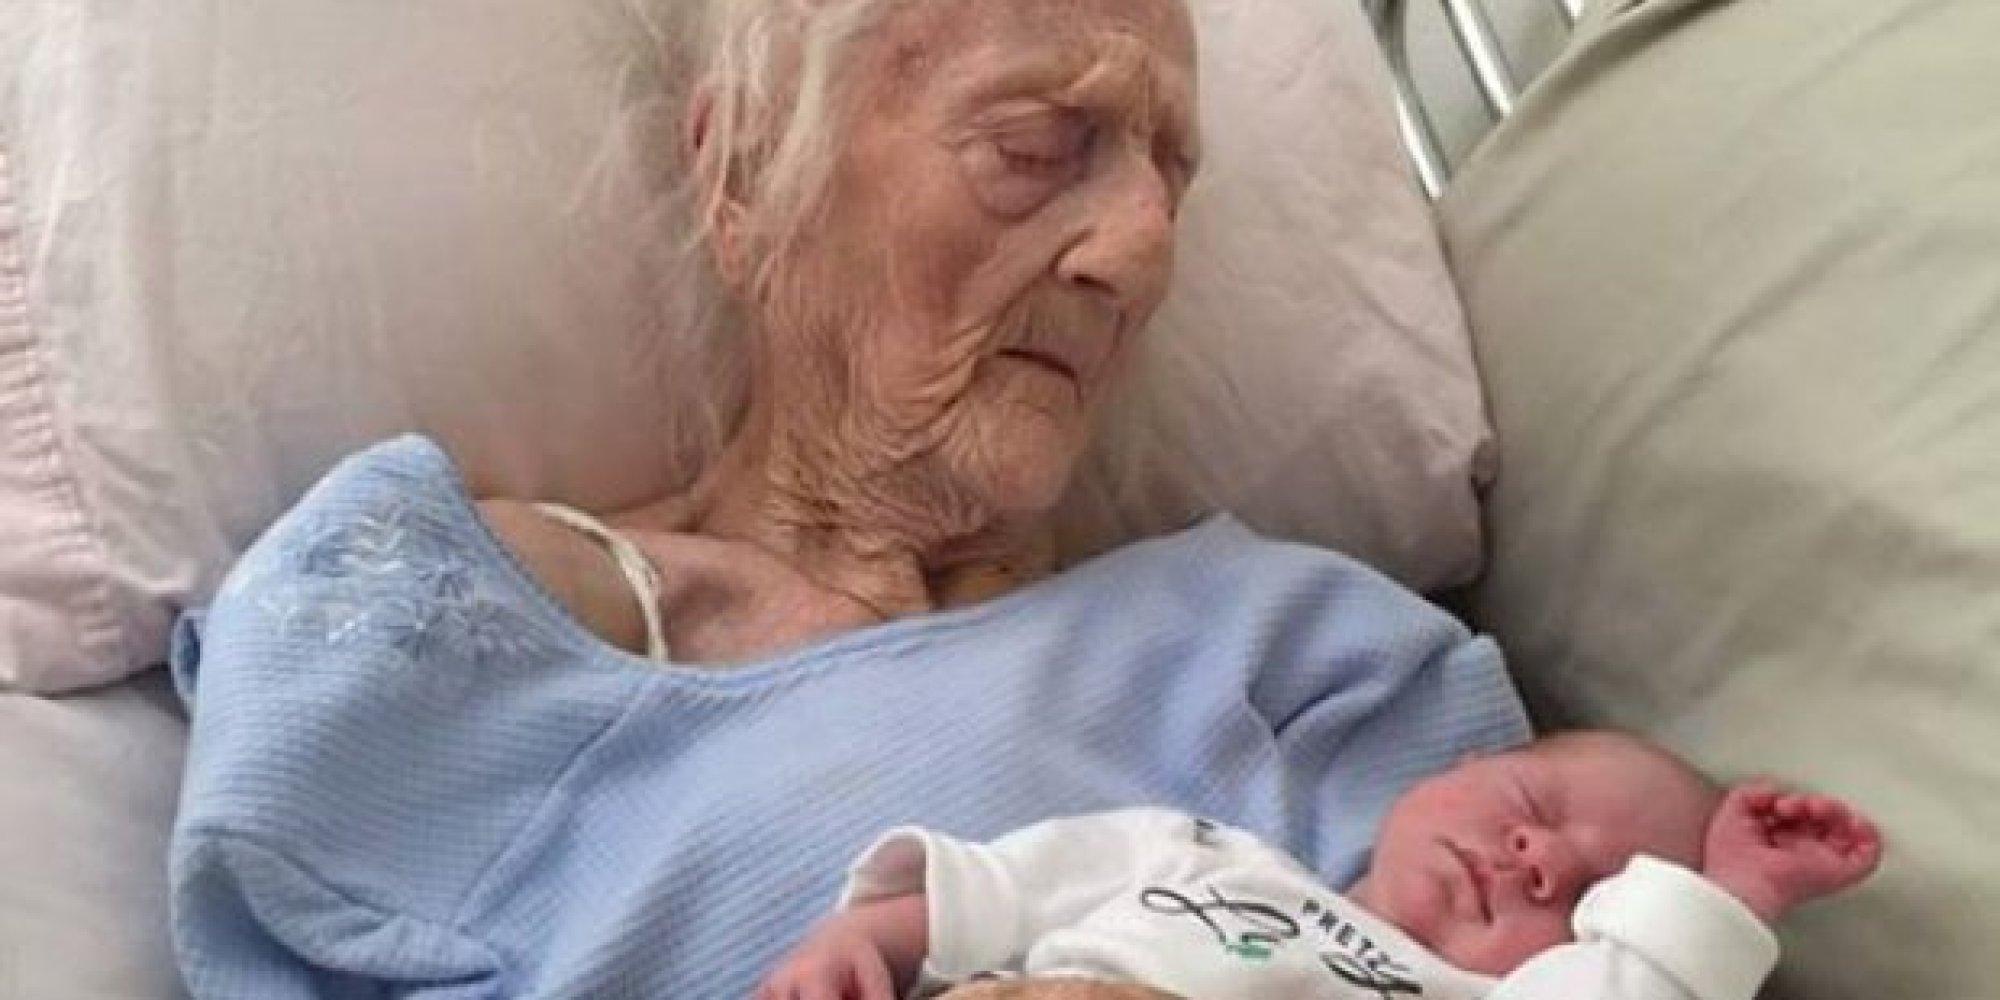 Смотреть как рожают старухи